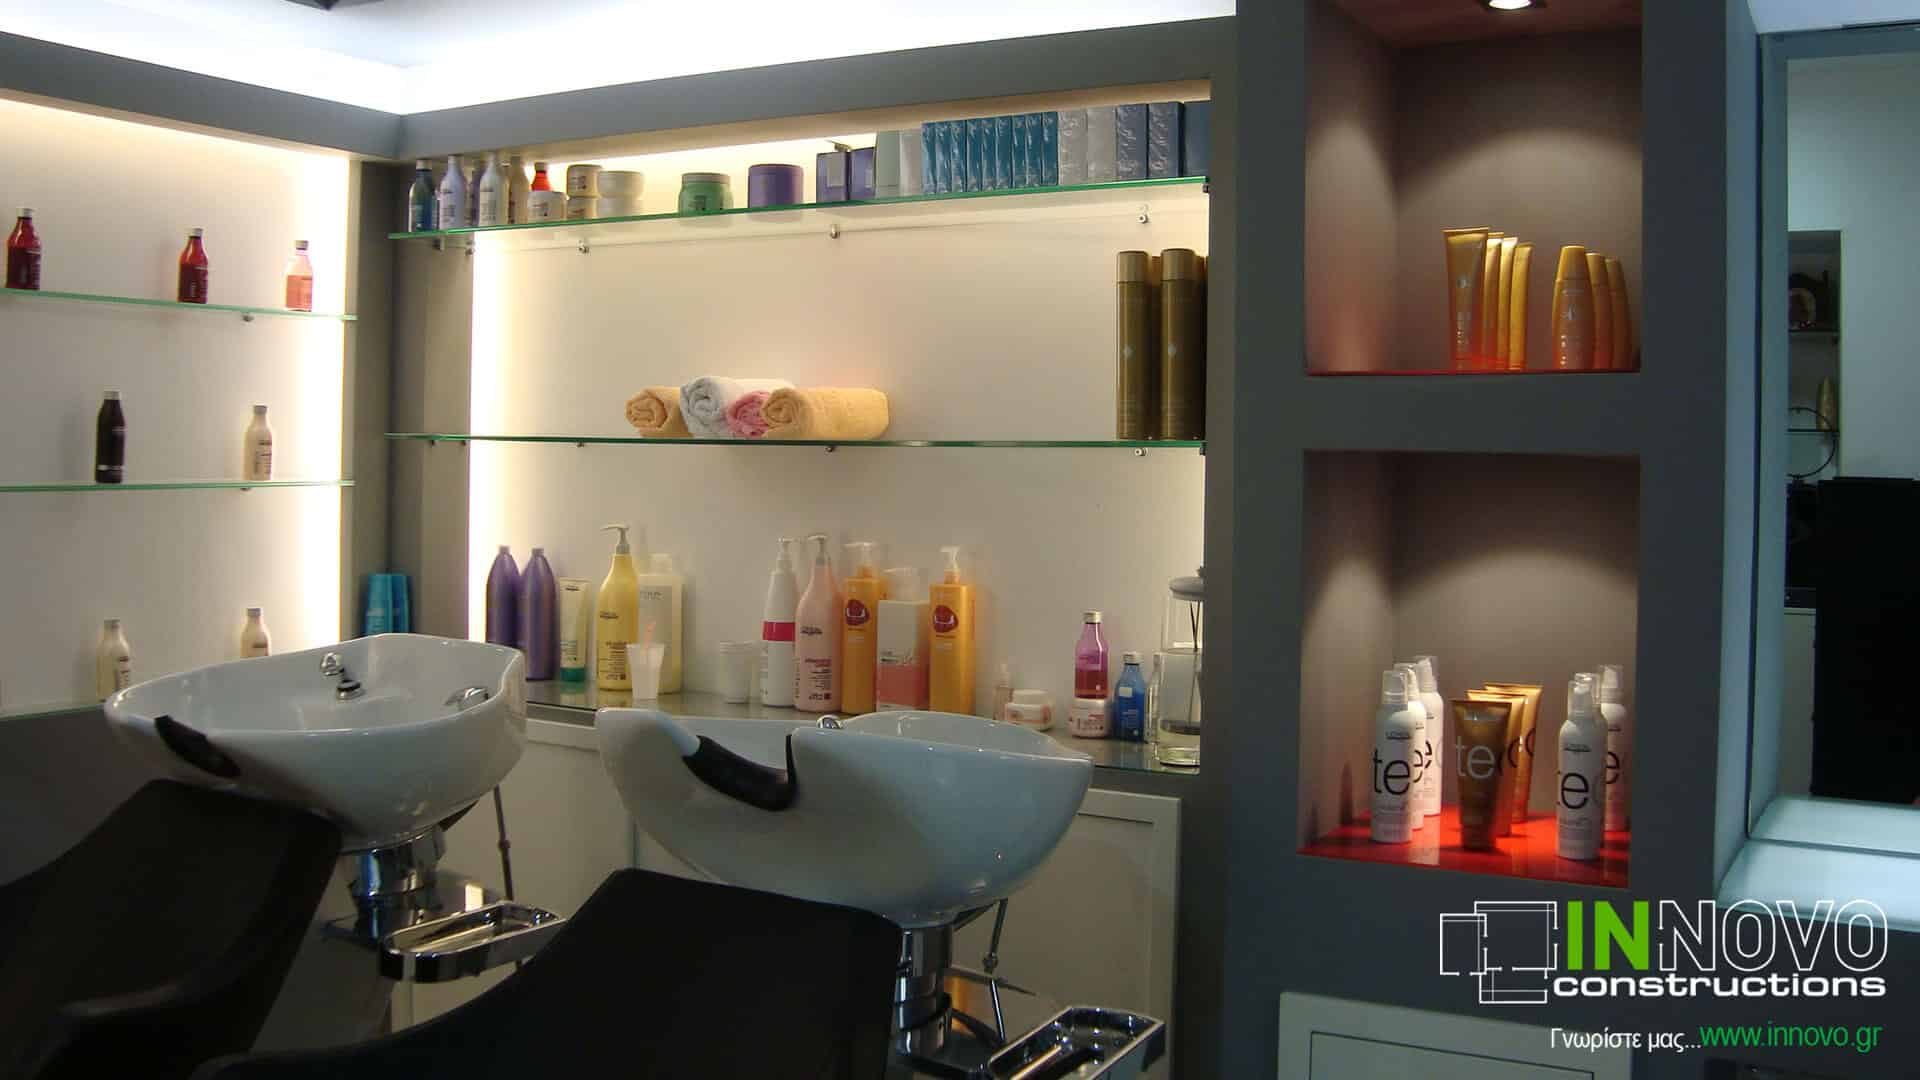 diakosmisi-kommotiriou-hairdressers-design-kommotirio-nafplio-1071-19